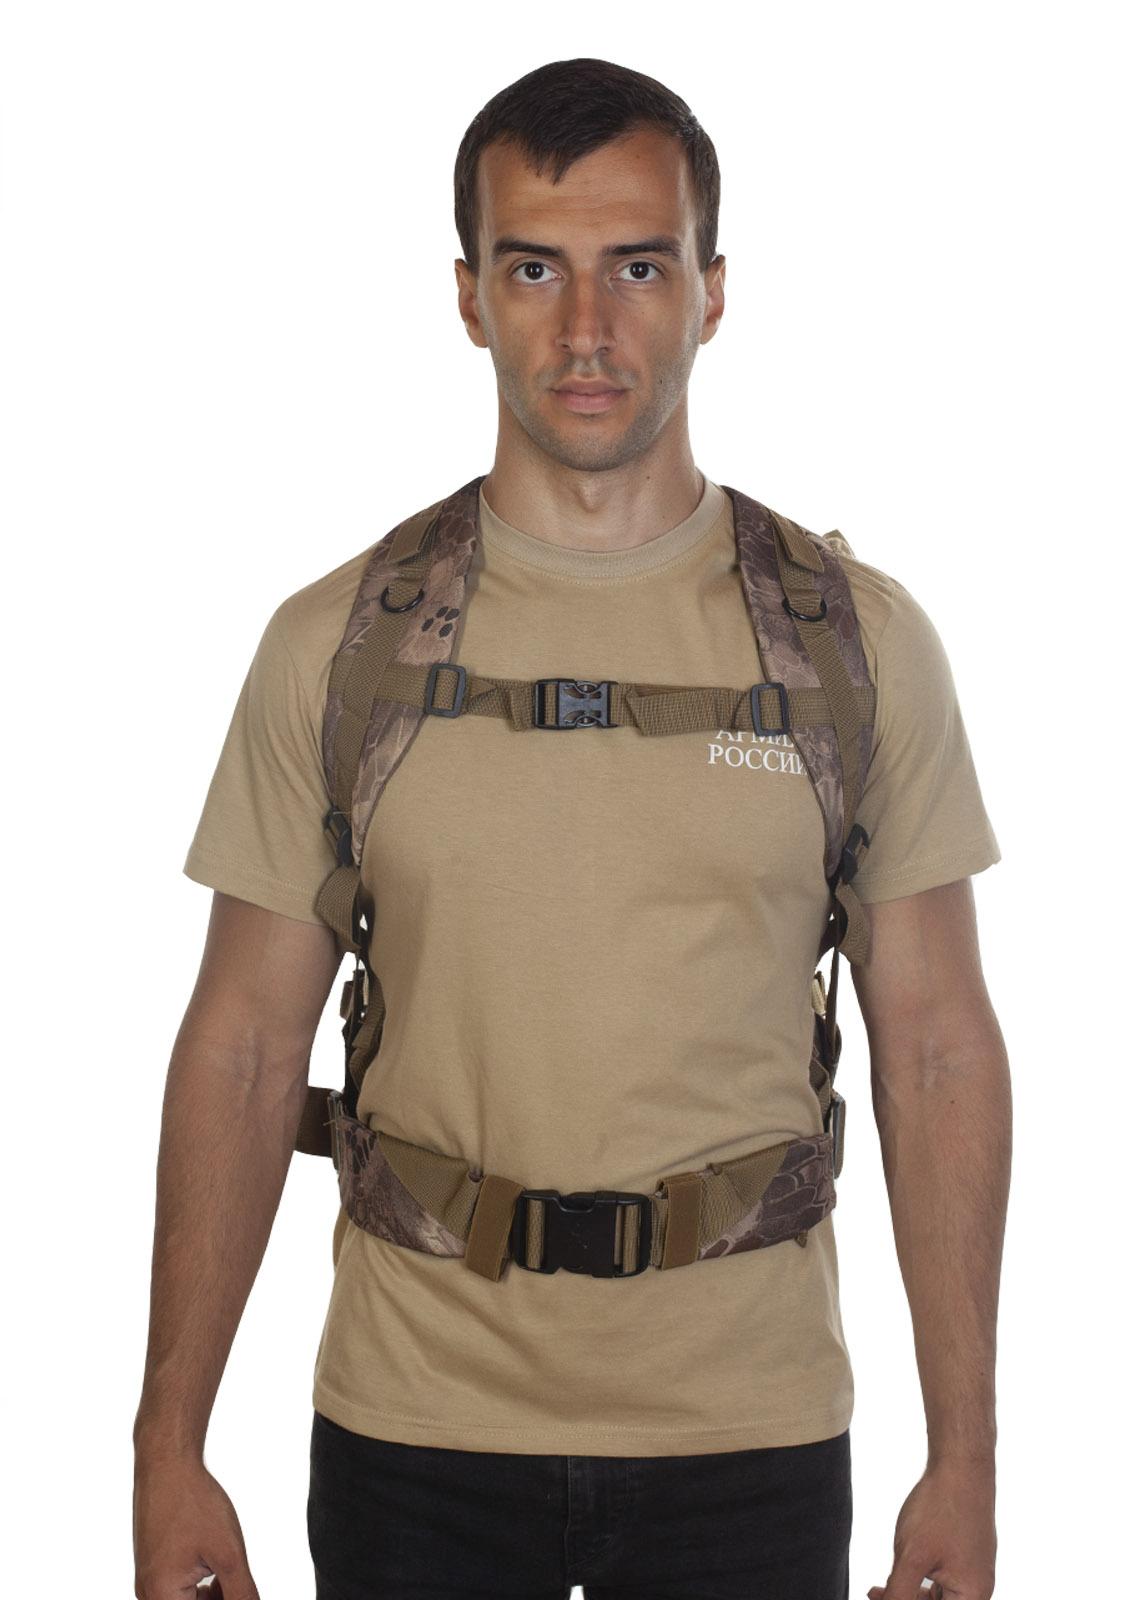 Лучший тактический рюкзак камуфляжа Krуptek с доставкой